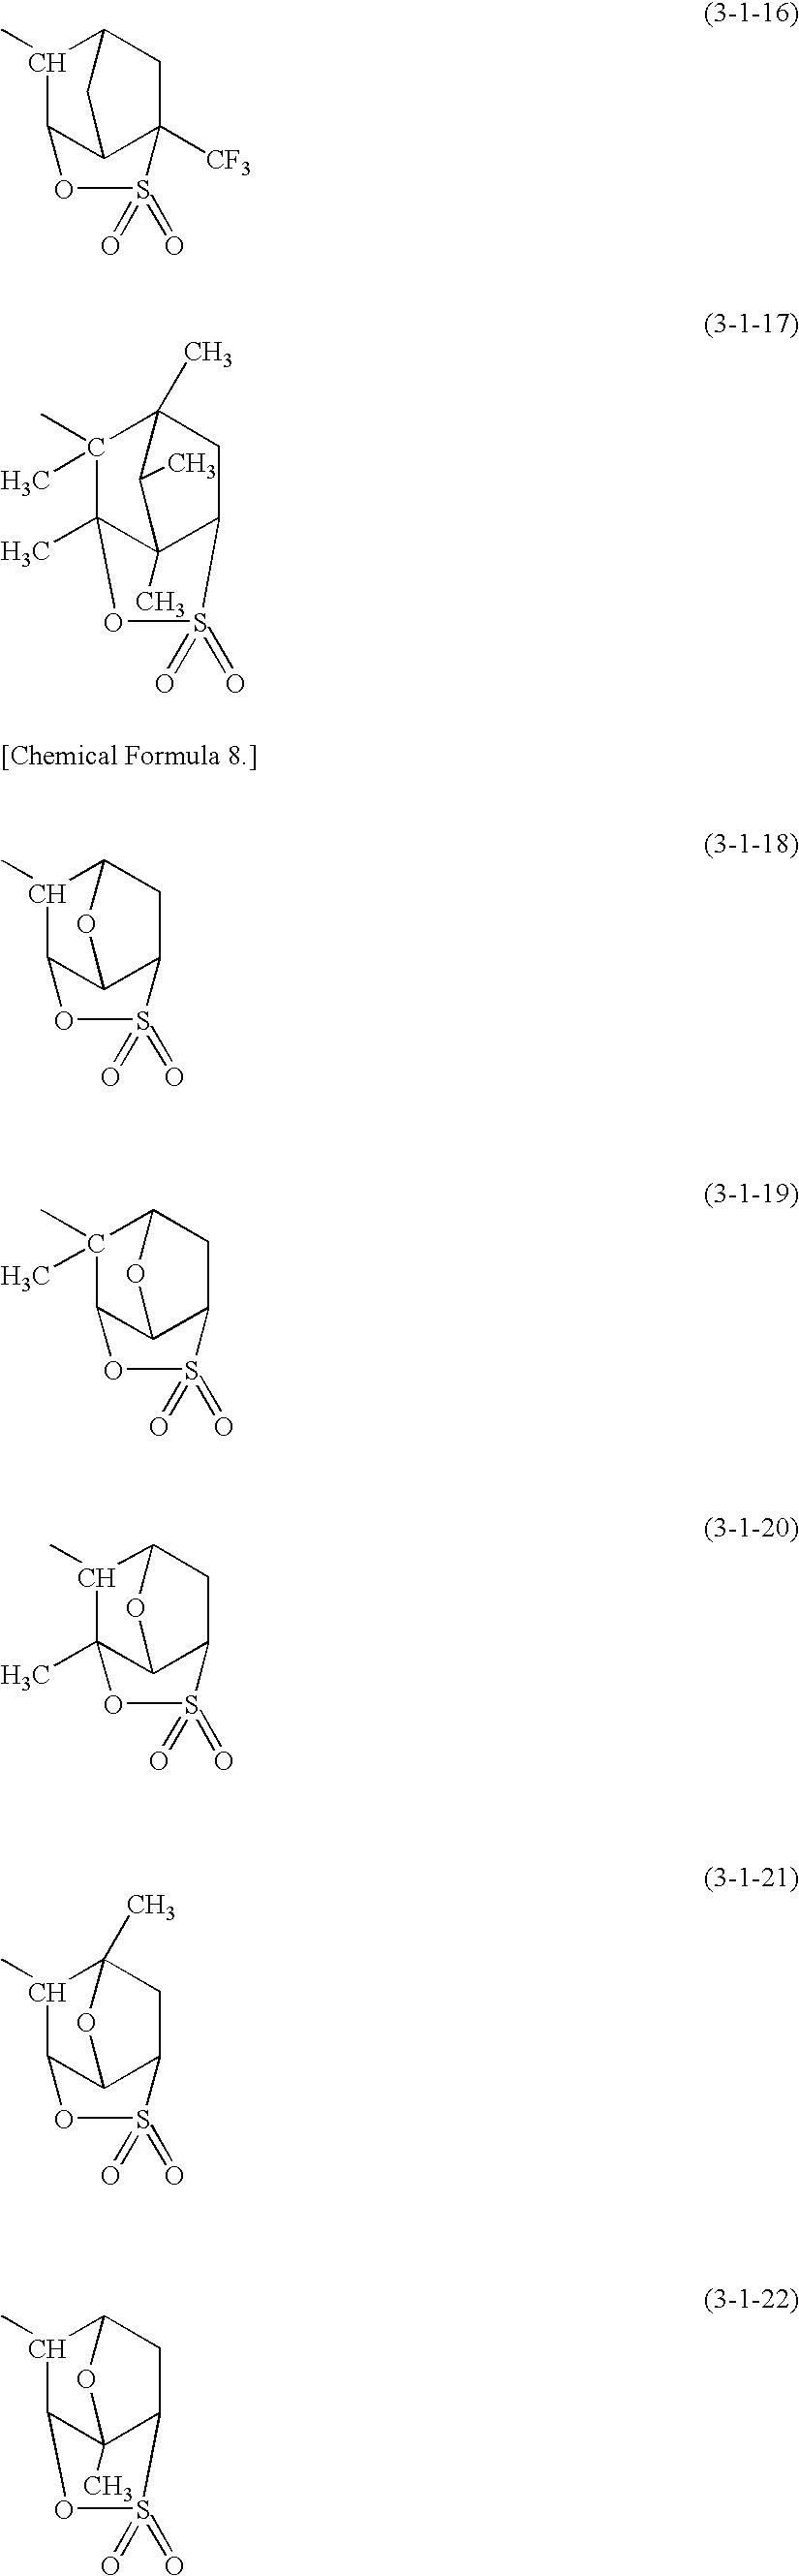 Figure US20100196821A1-20100805-C00009